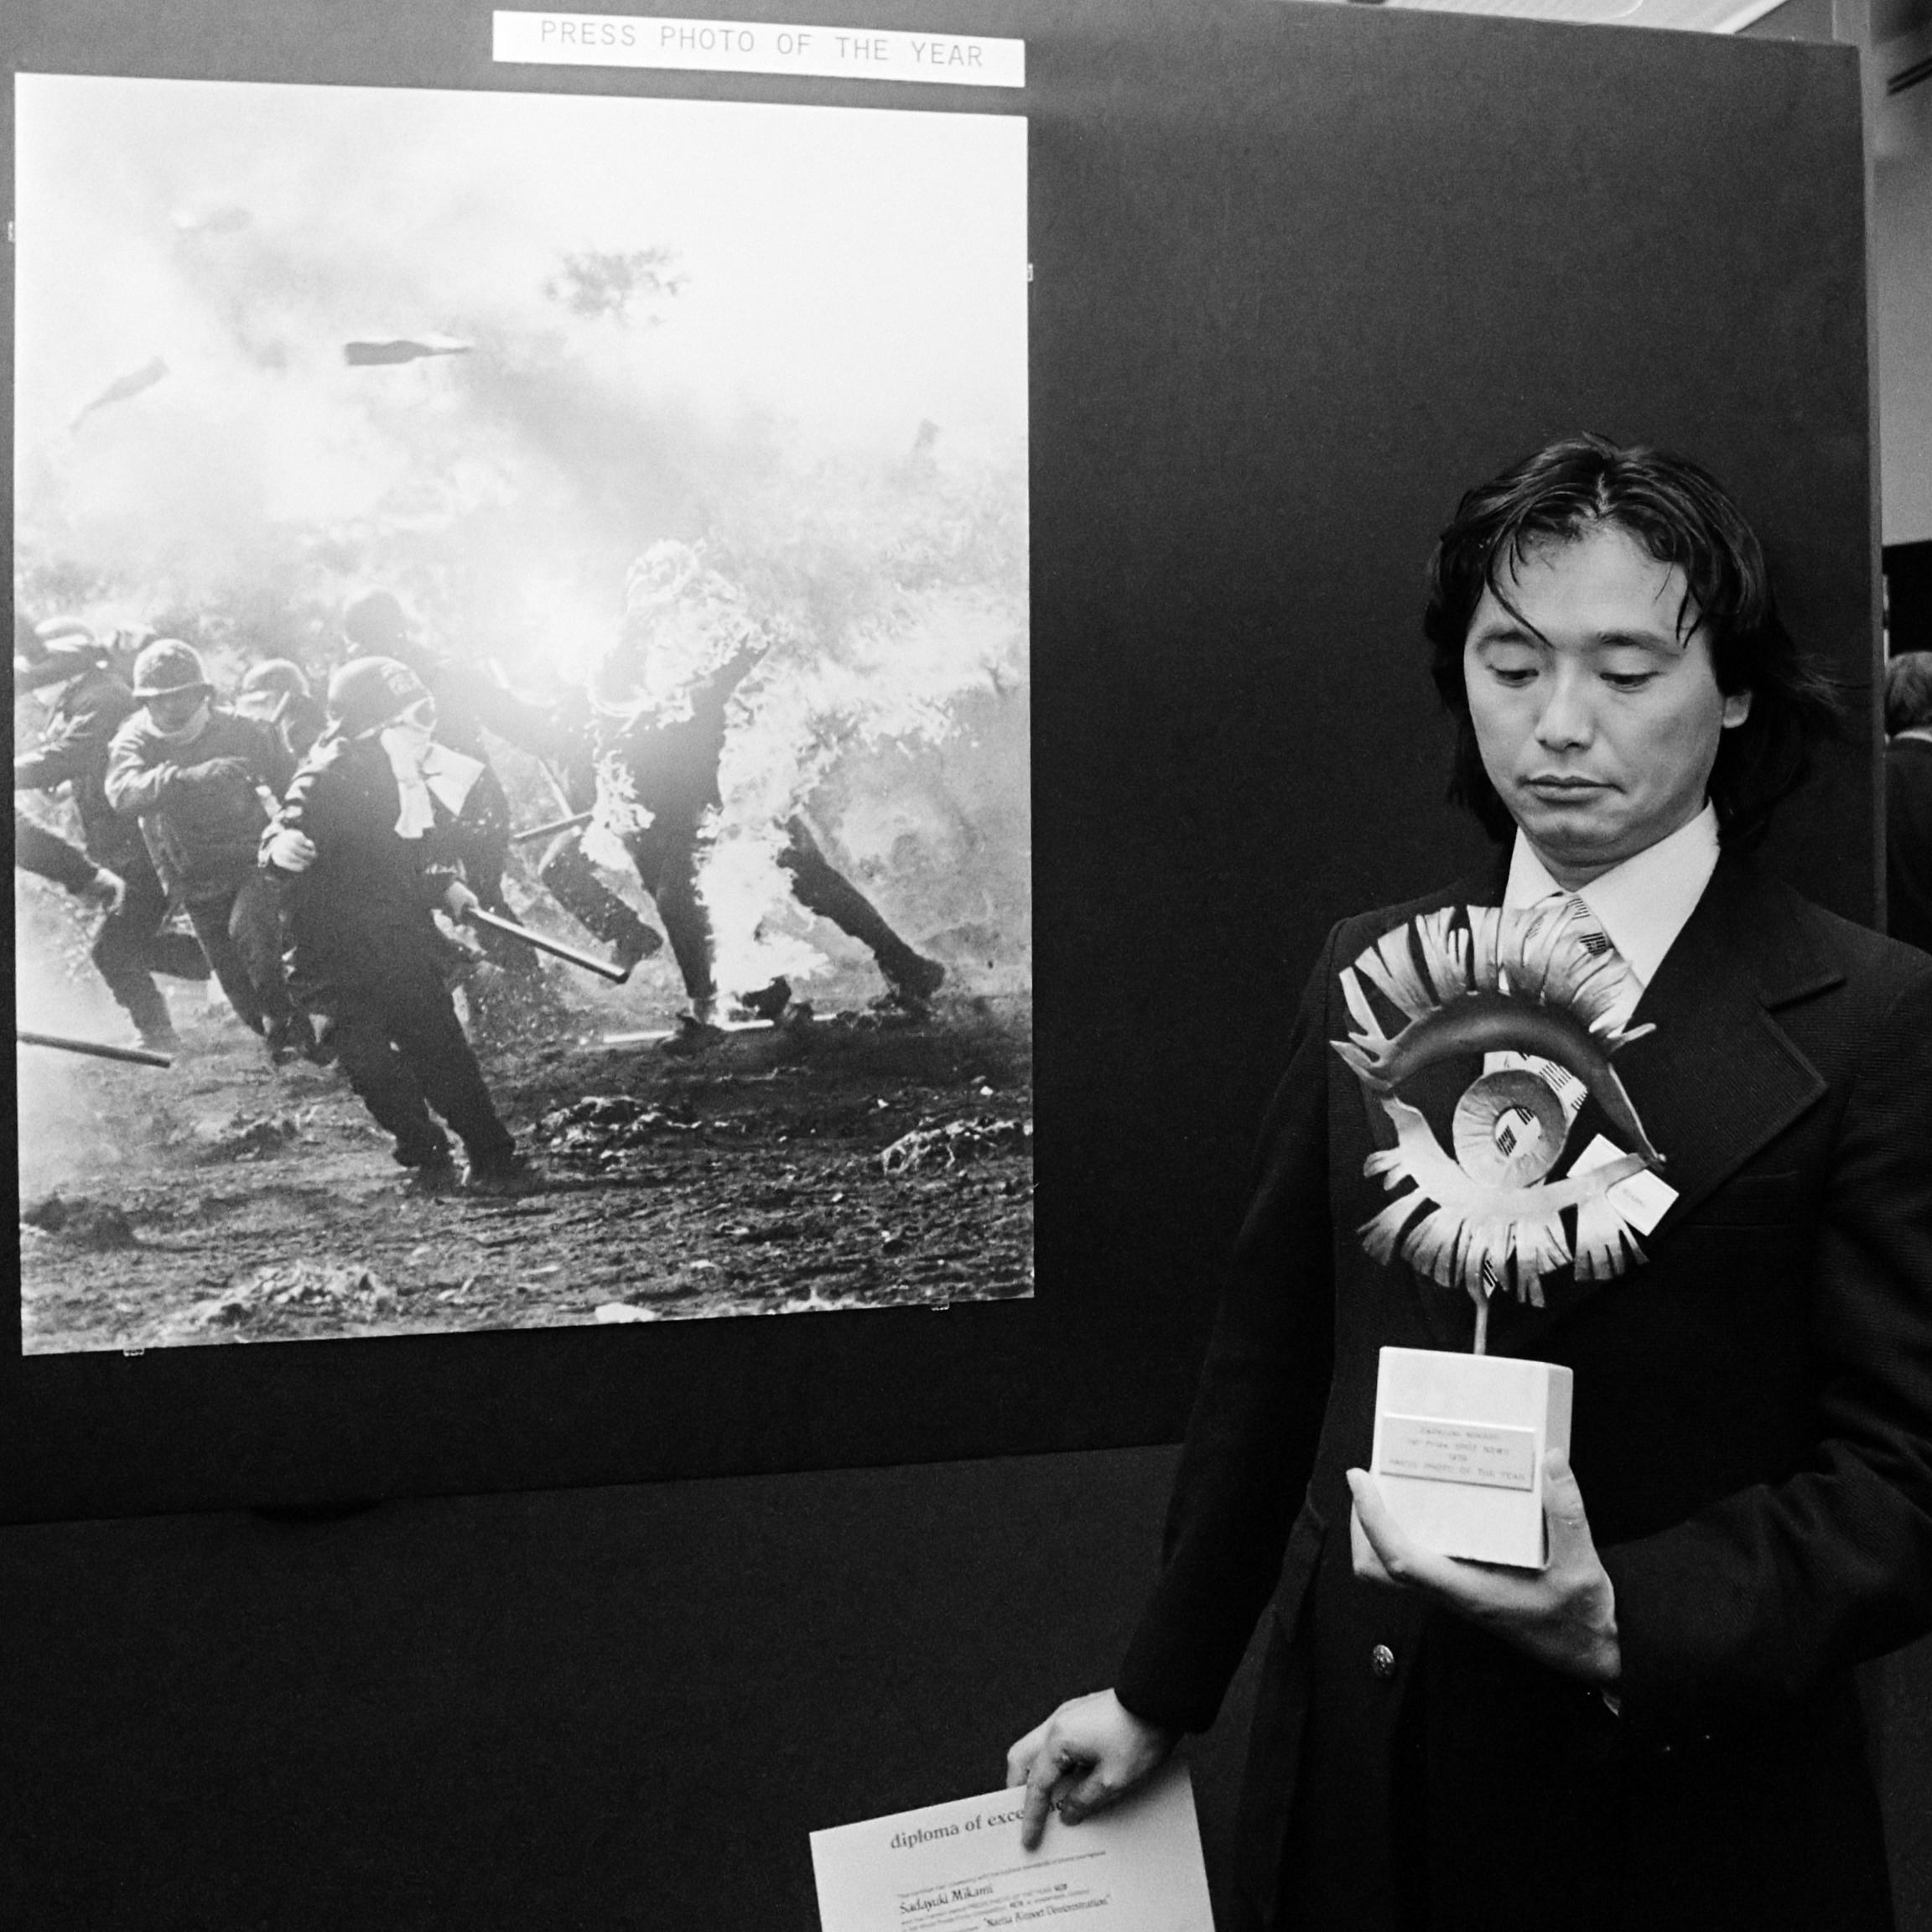 Image of Sadayuki Mikami from Wikidata